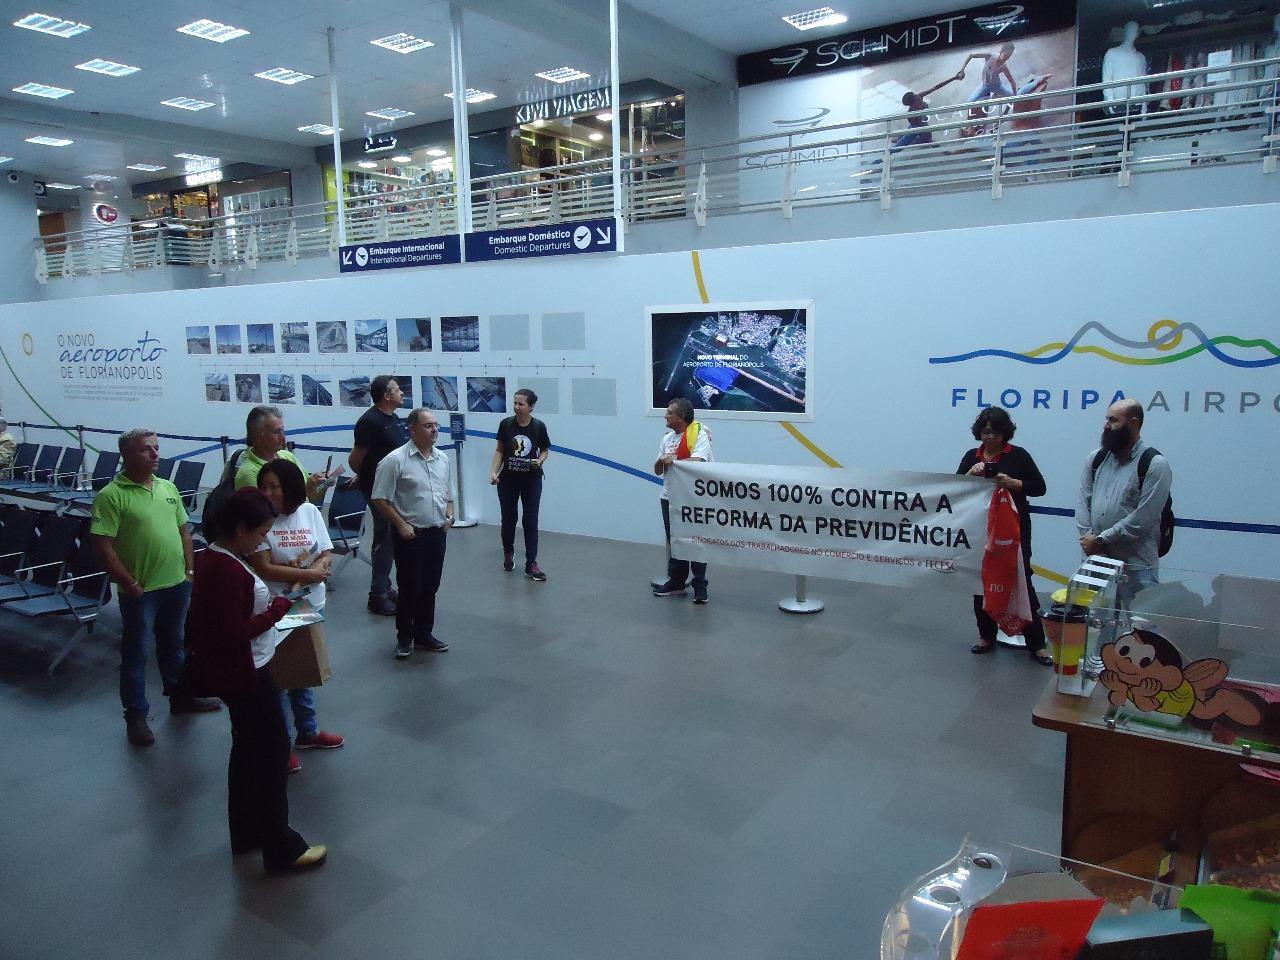 Em Florianópolis, centrais pressionam parlamentares e alertam a população sobre a reforma da Previdência